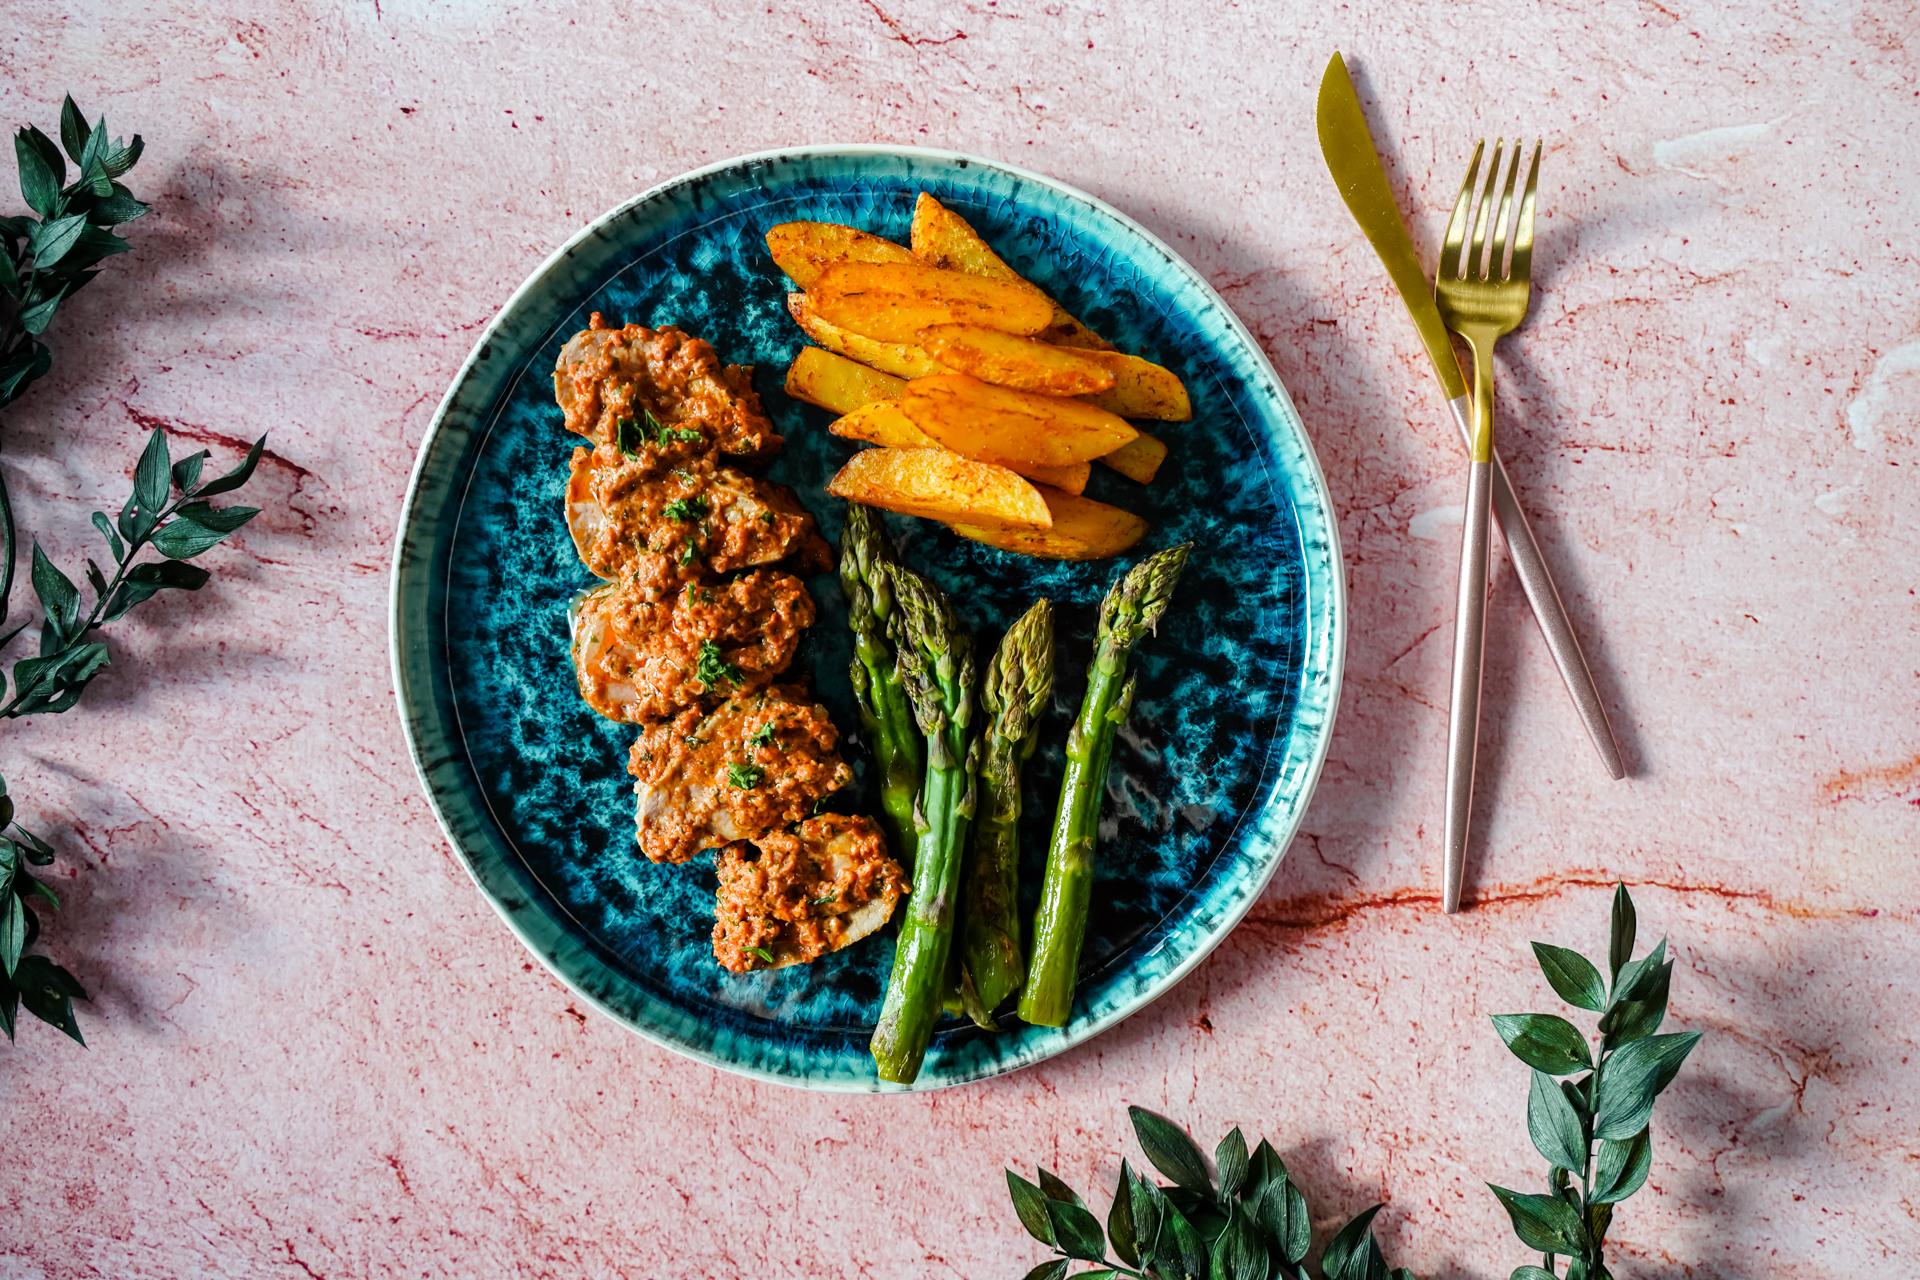 Miękkie i soczyste polędwiczki wieprzowe w sosie z suszonych pomidorów